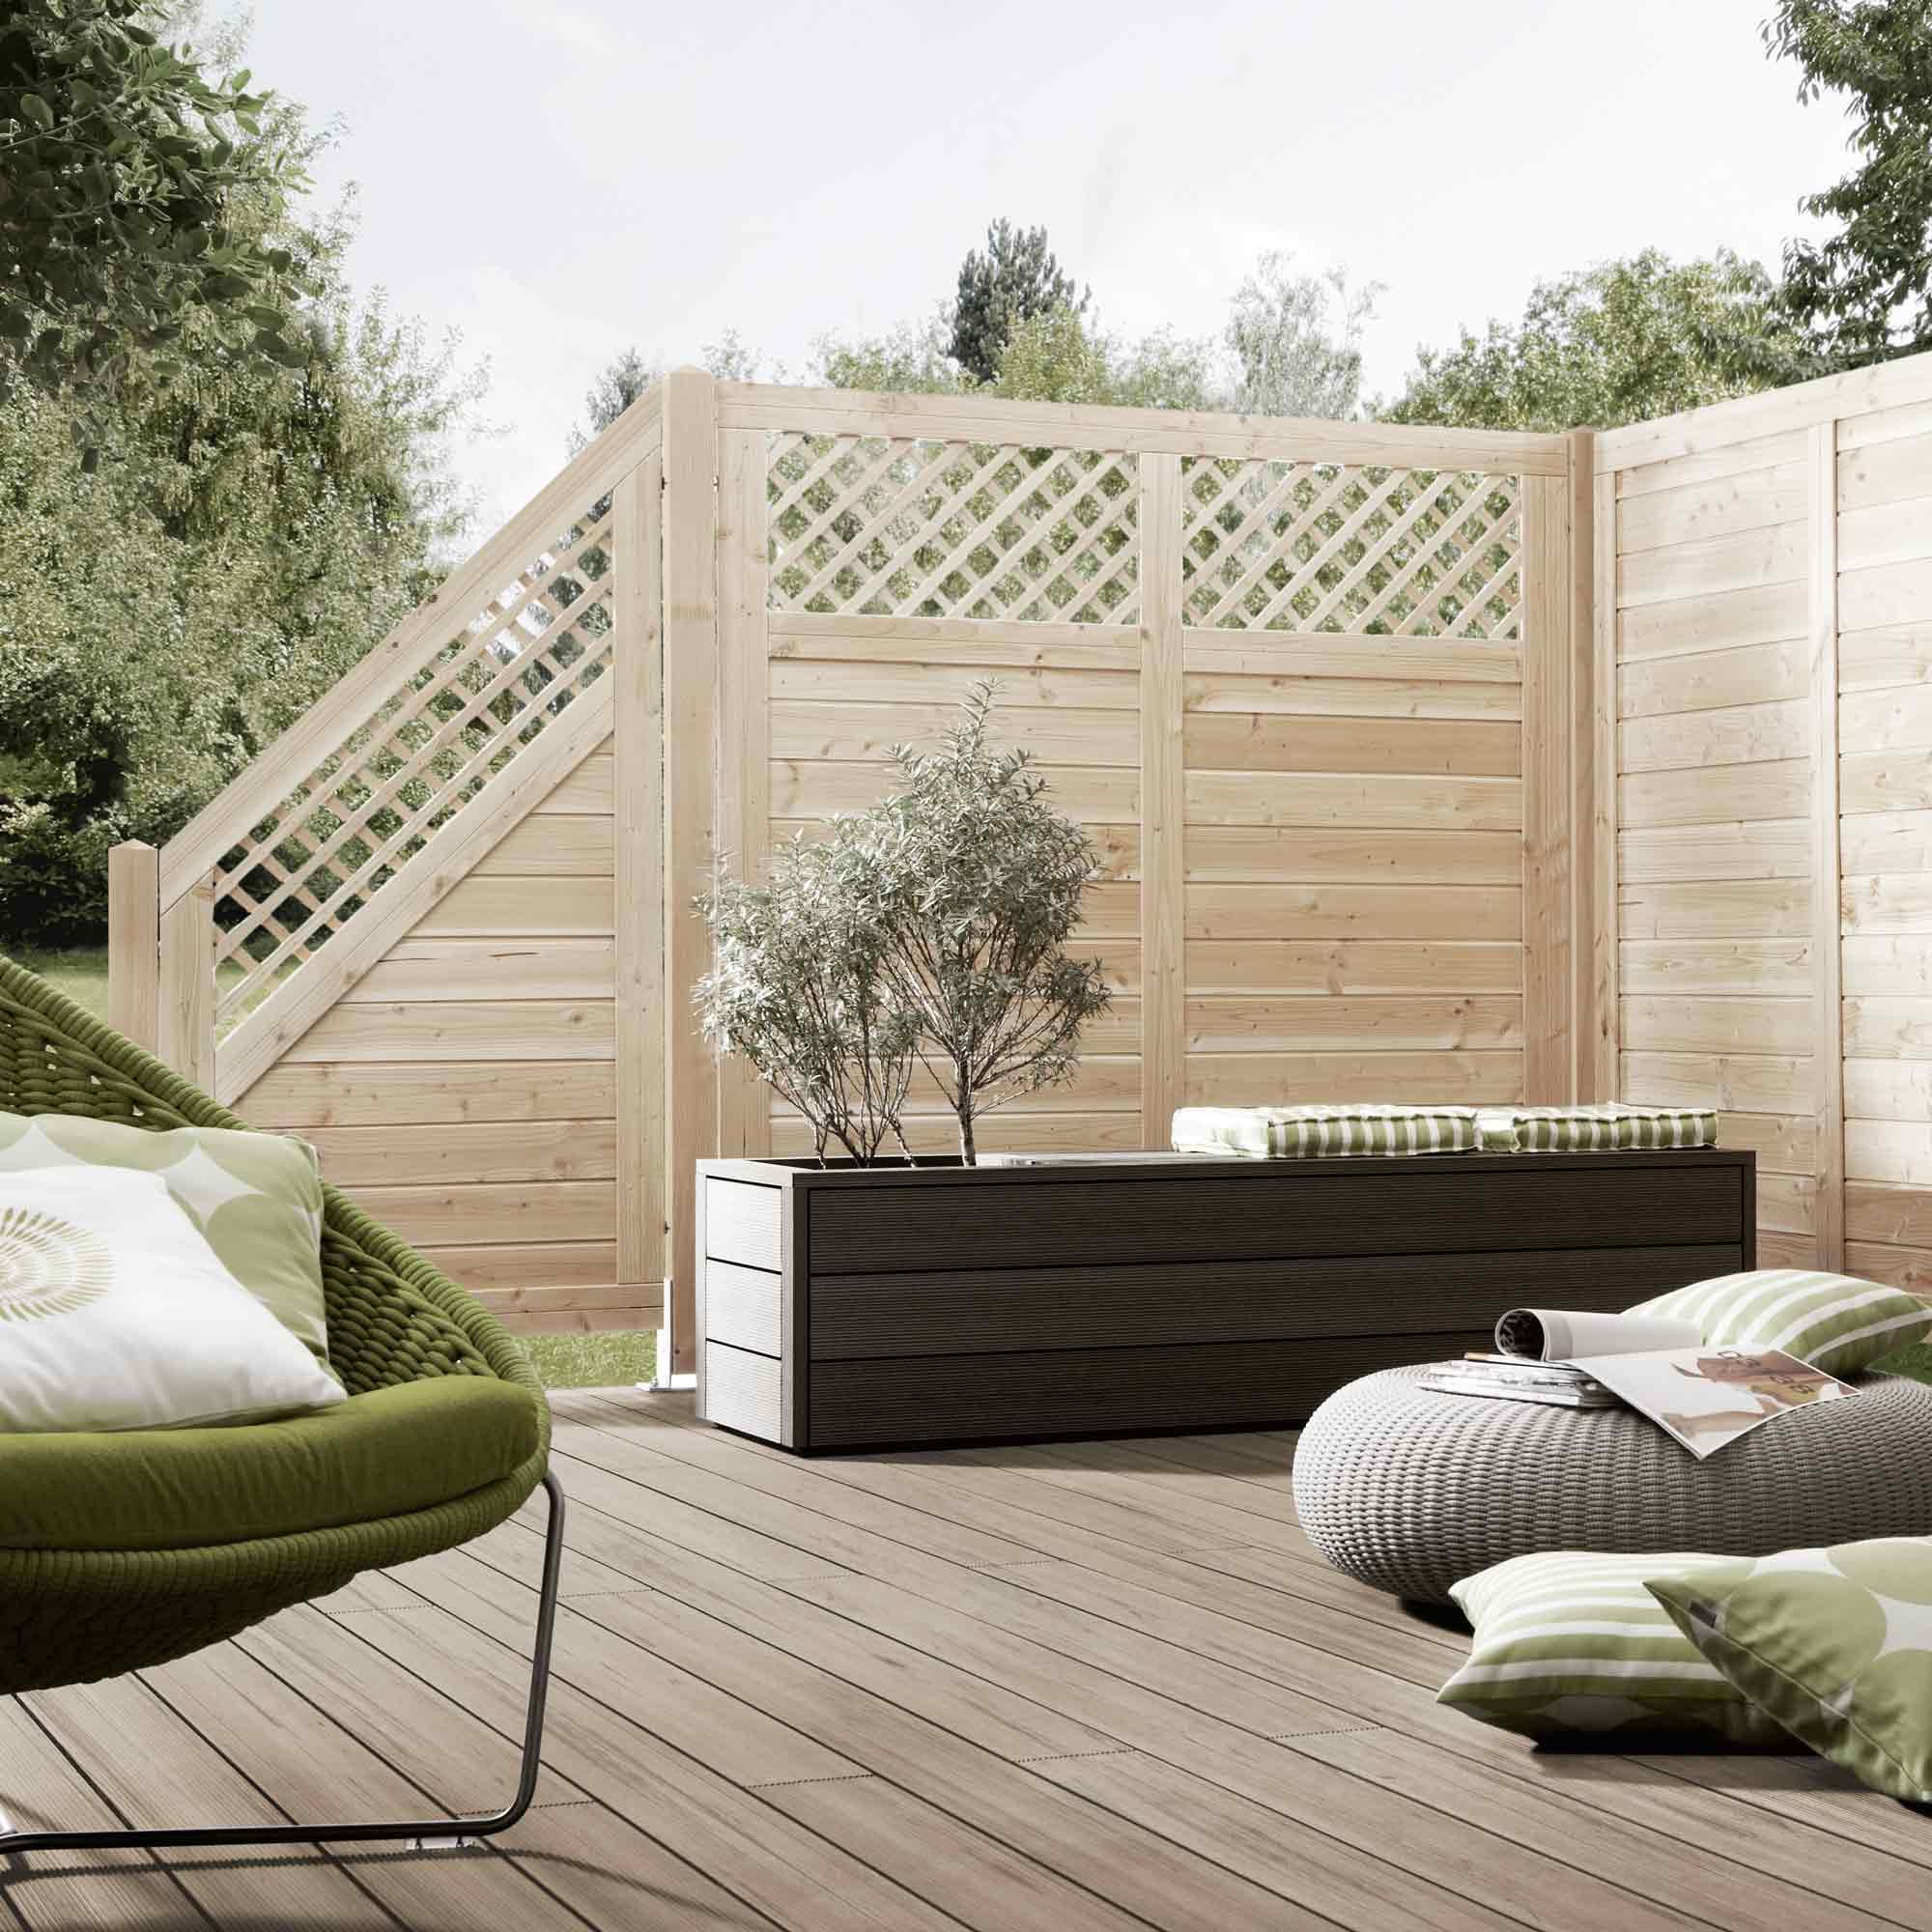 Helle Sichtschutzzäune aus Holz für den ländlichen Wohnstil – HolzLand Verbeek